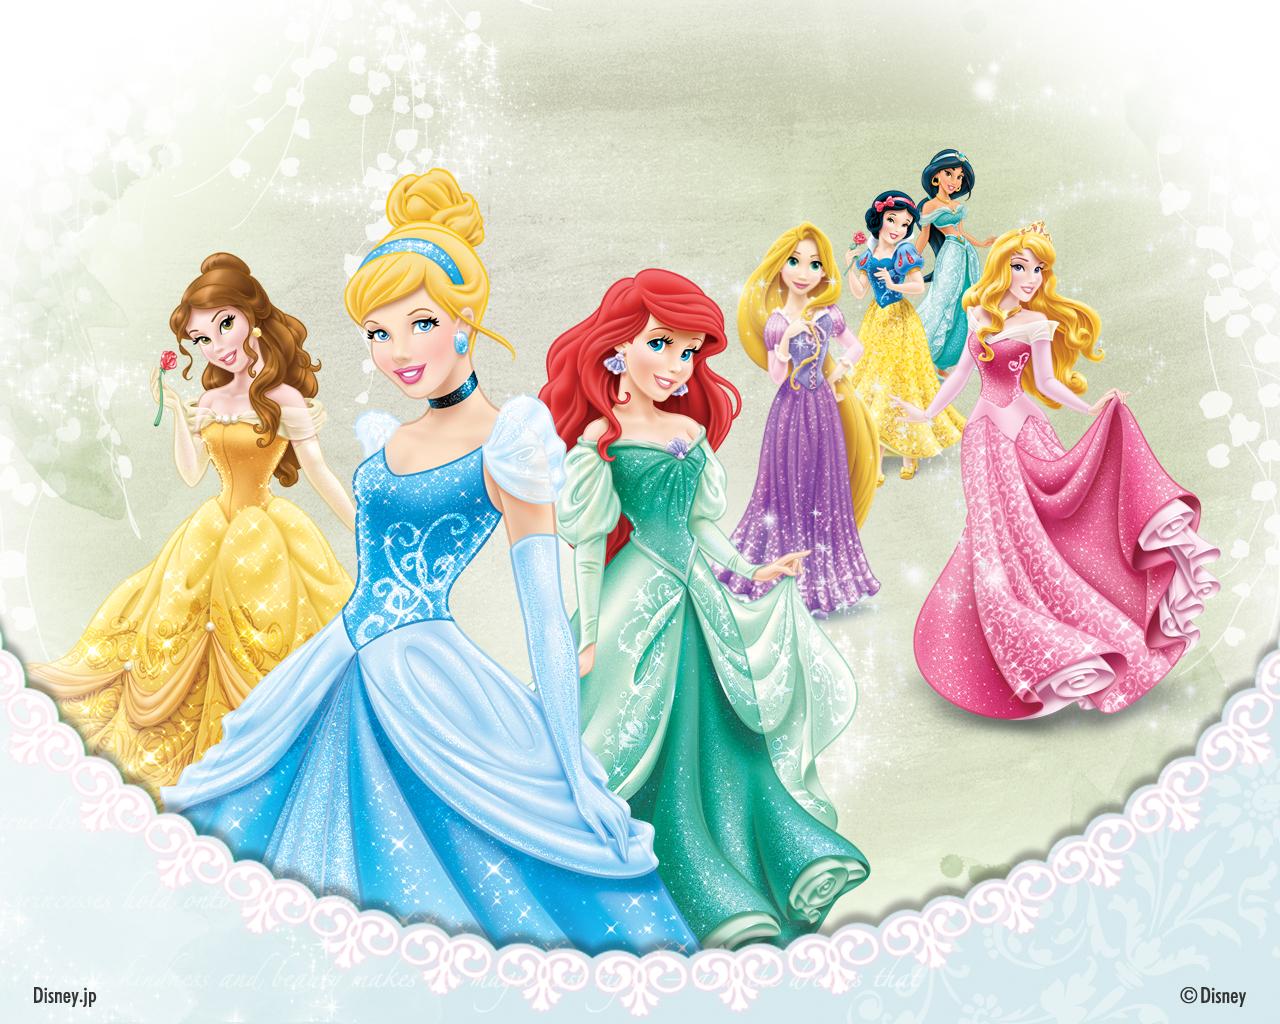 disney princesses fond d cran princesses disney fond d cran 37042975 fanpop. Black Bedroom Furniture Sets. Home Design Ideas